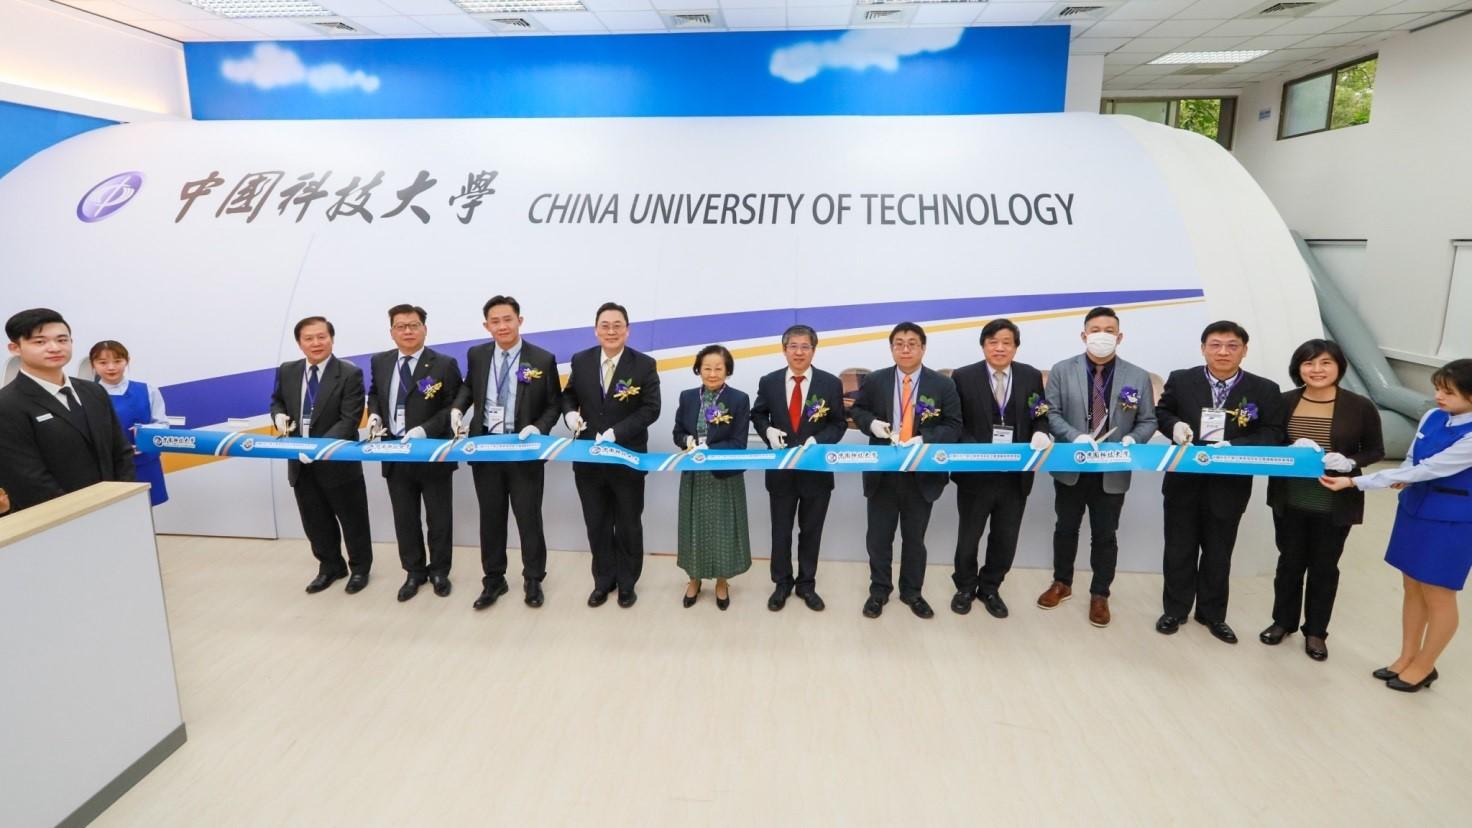 圖1 中國科大航空服務模擬教室剪綵啟用典禮